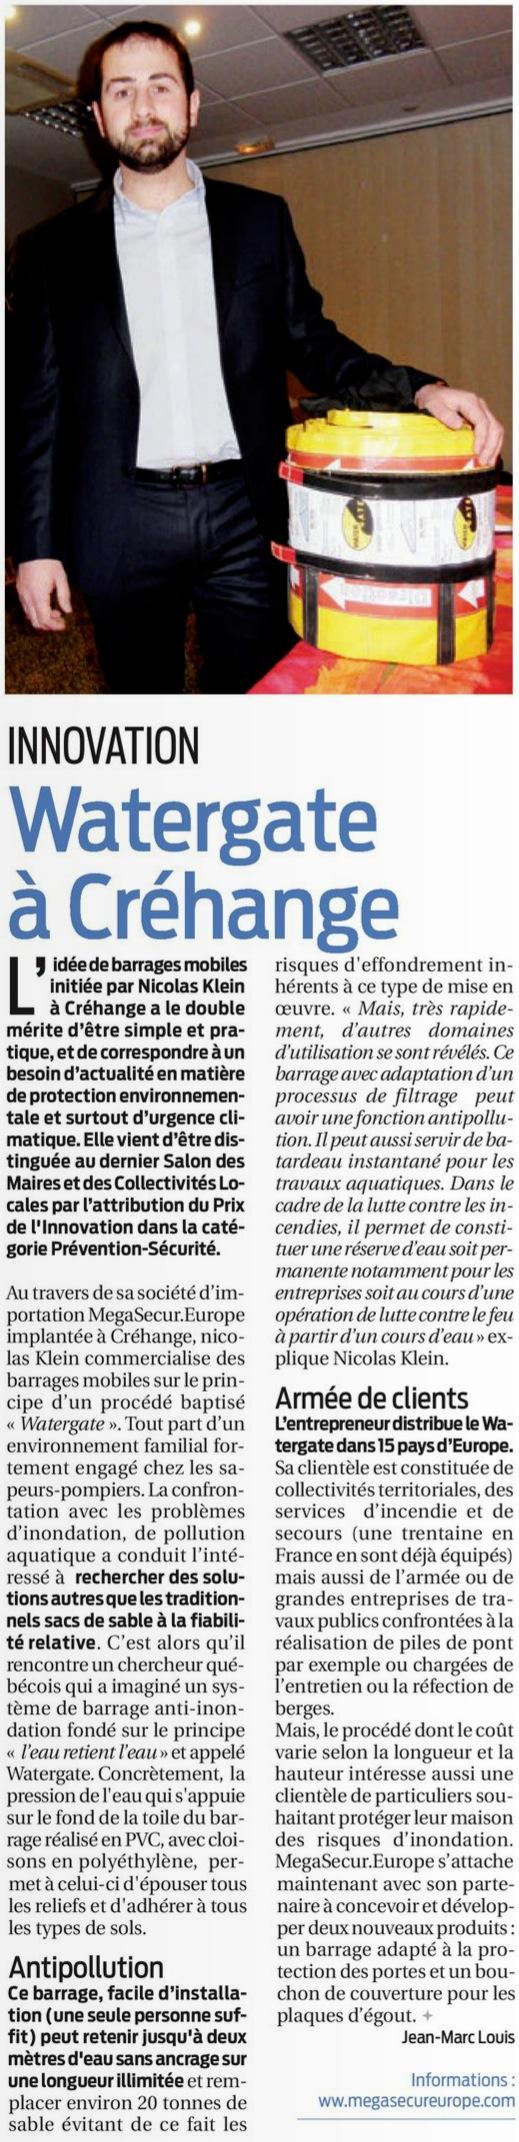 Article du journal la semaine sur la protection anti inondation water-gate